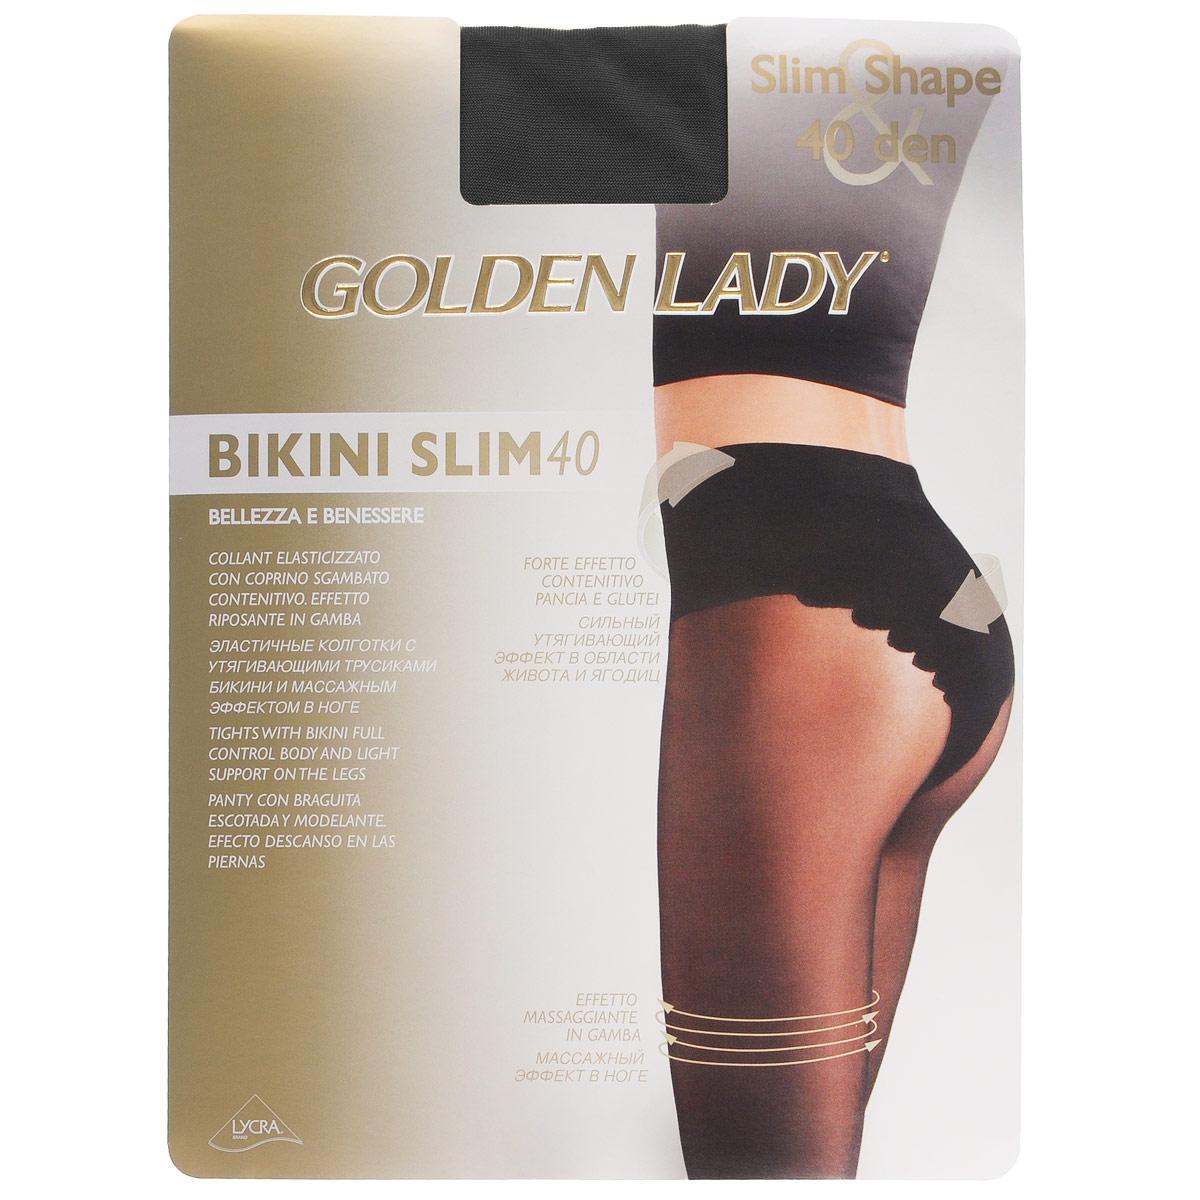 Колготки женские Golden Lady Bikini Slim 40, цвет: Nero (черный). 122LLL. Размер 4 (L) колготки женские golden lady bikini slim 40 цвет nero черный 122lll размер 4 l